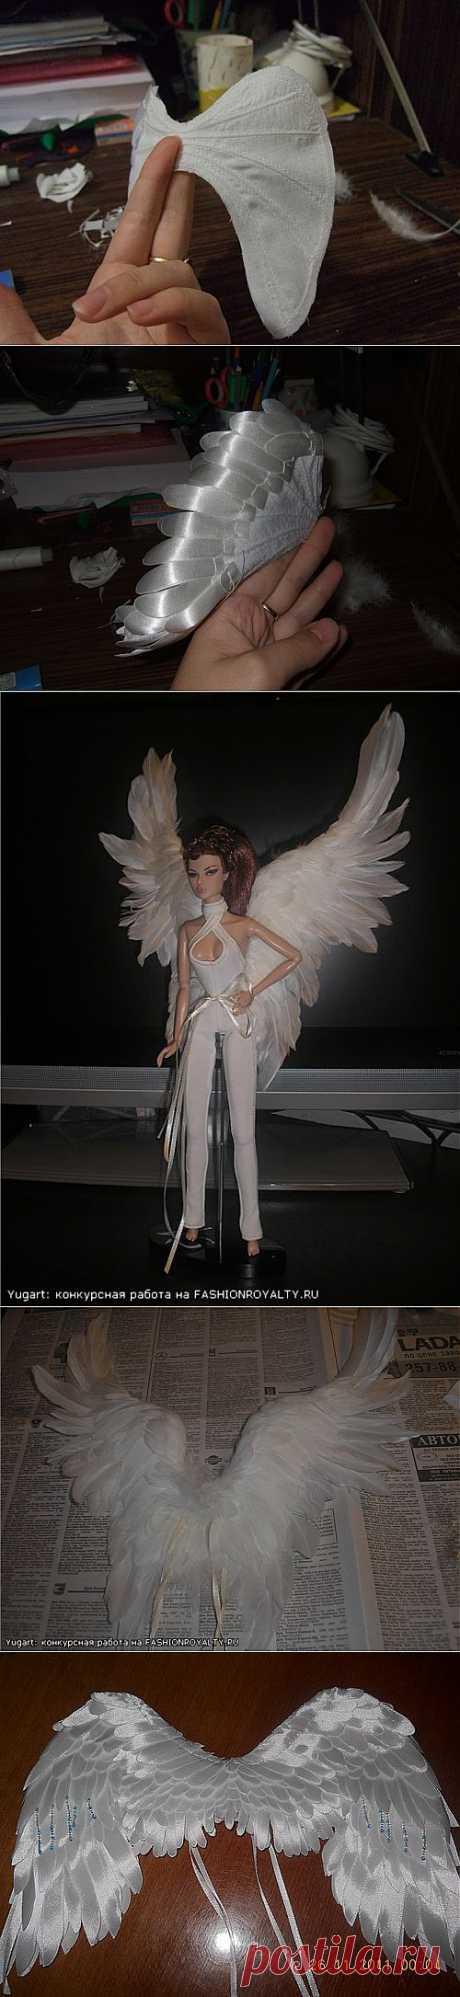 Форум о куклах на DollPlanet.ru • Просмотр темы - Ирма, Джулия: Крылья. Два мастер-класса